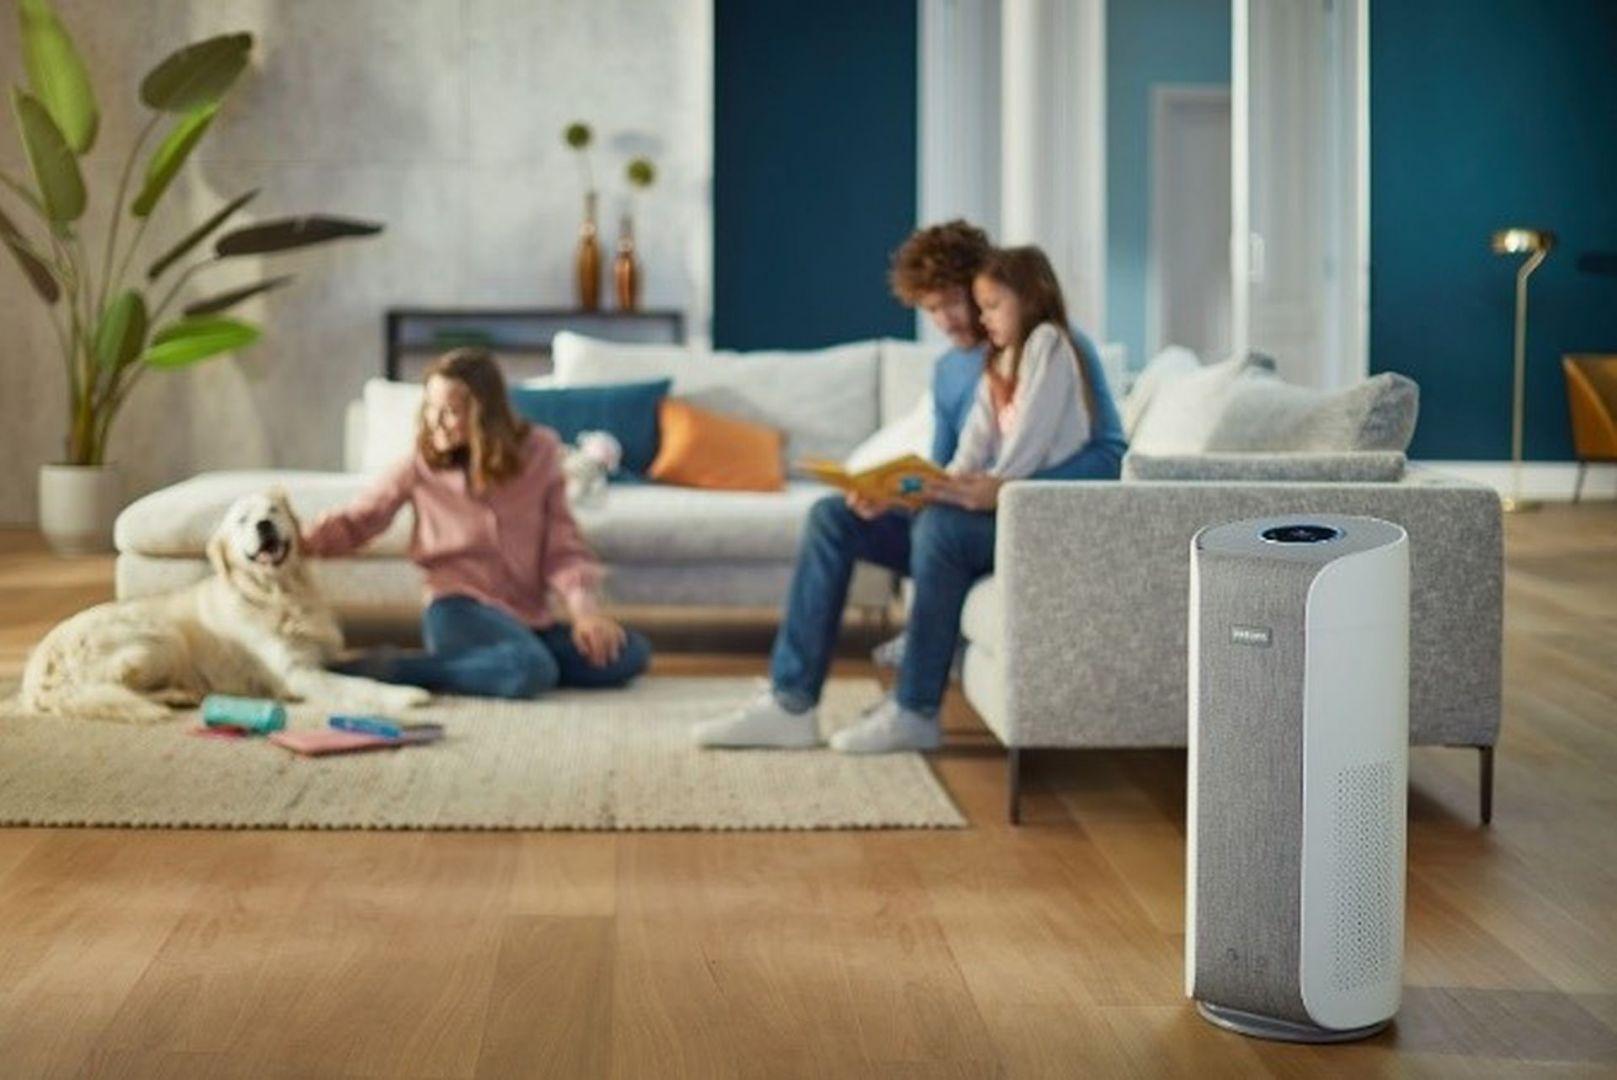 Oprócz regularnego sprzątania, ograniczenia powierzchni zbierających kurz oraz pilnowania niskiego poziomu wilgotności w mieszkaniu, możemy zainwestować w oczyszczacz powietrza, który upora się z alergenami. Na zdjęciu oczyszczacz Philips, cena od 2 239 zł. Fot. mat. prasowe Philips